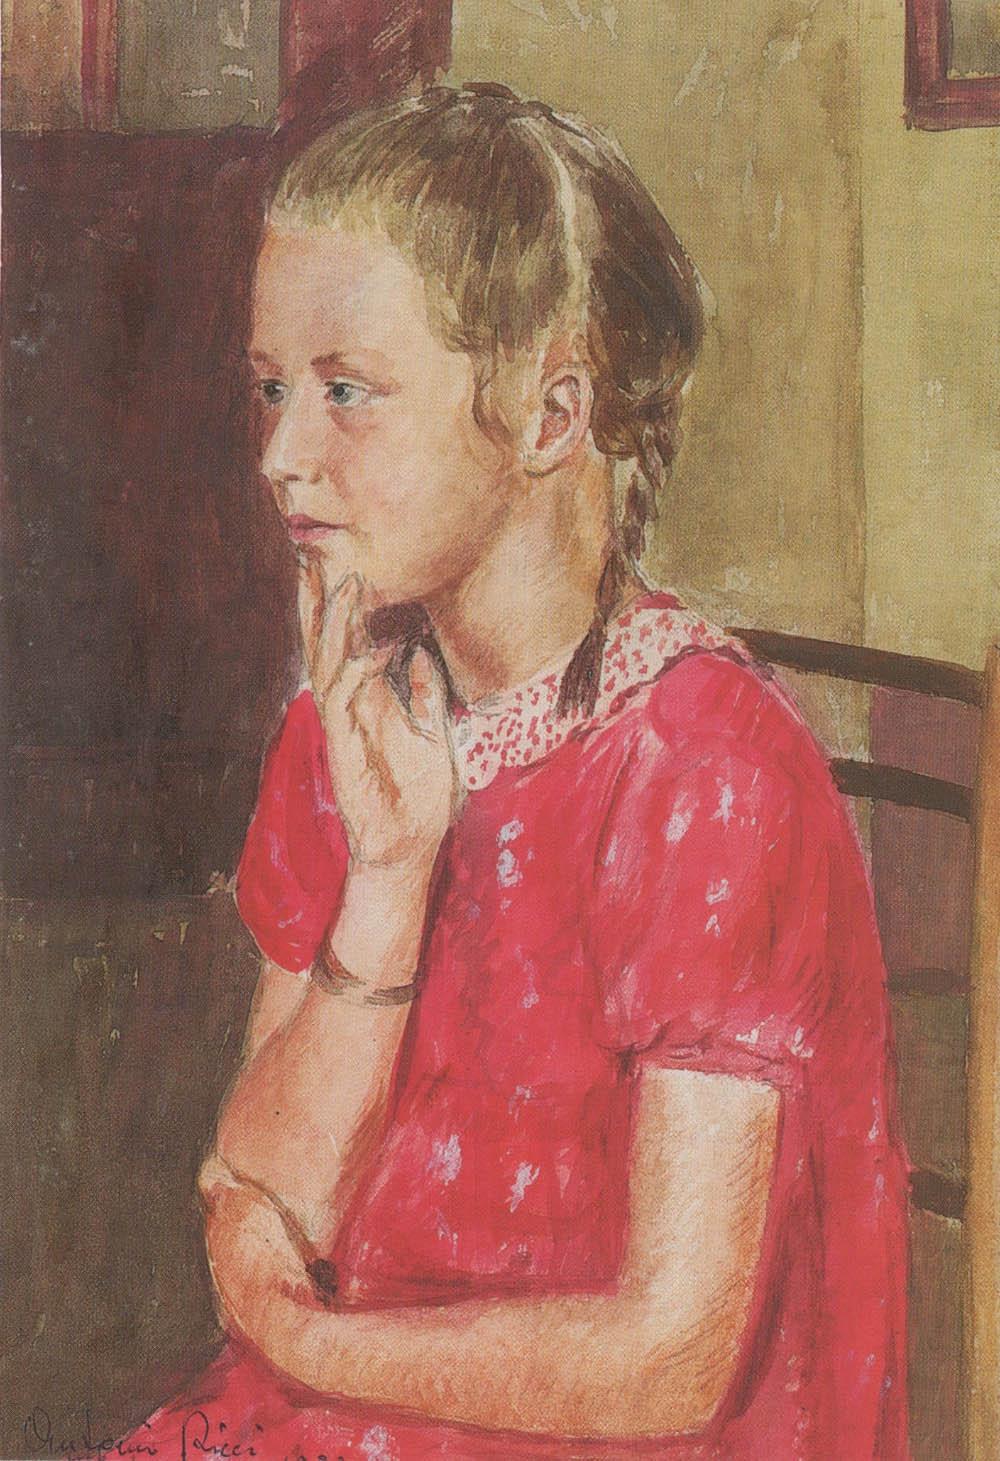 Ragazzina in rosso, 1938